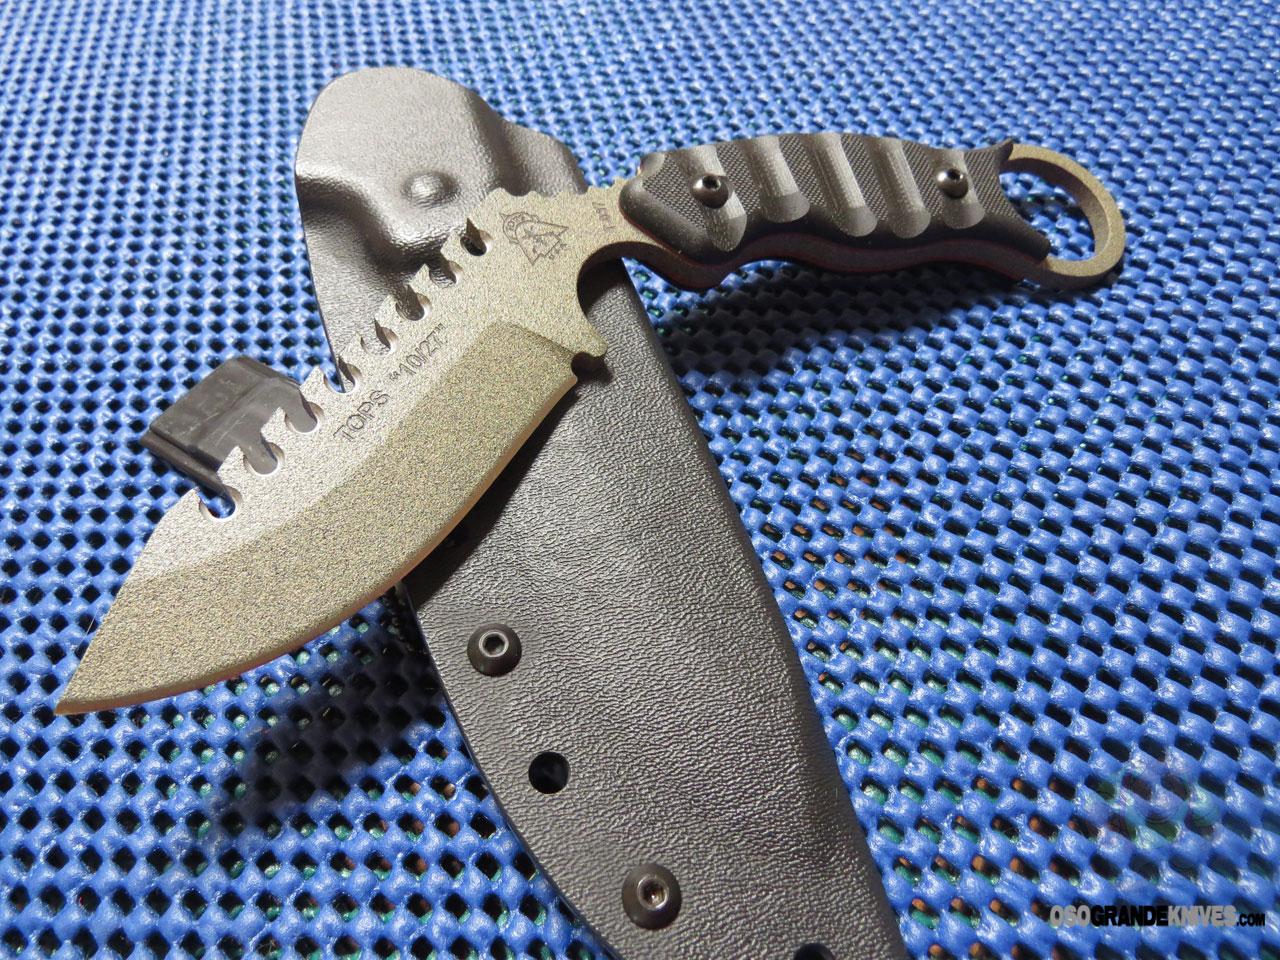 TOPS Knives 1027 Karambit Knife 35 Inch Fixed 1095HC